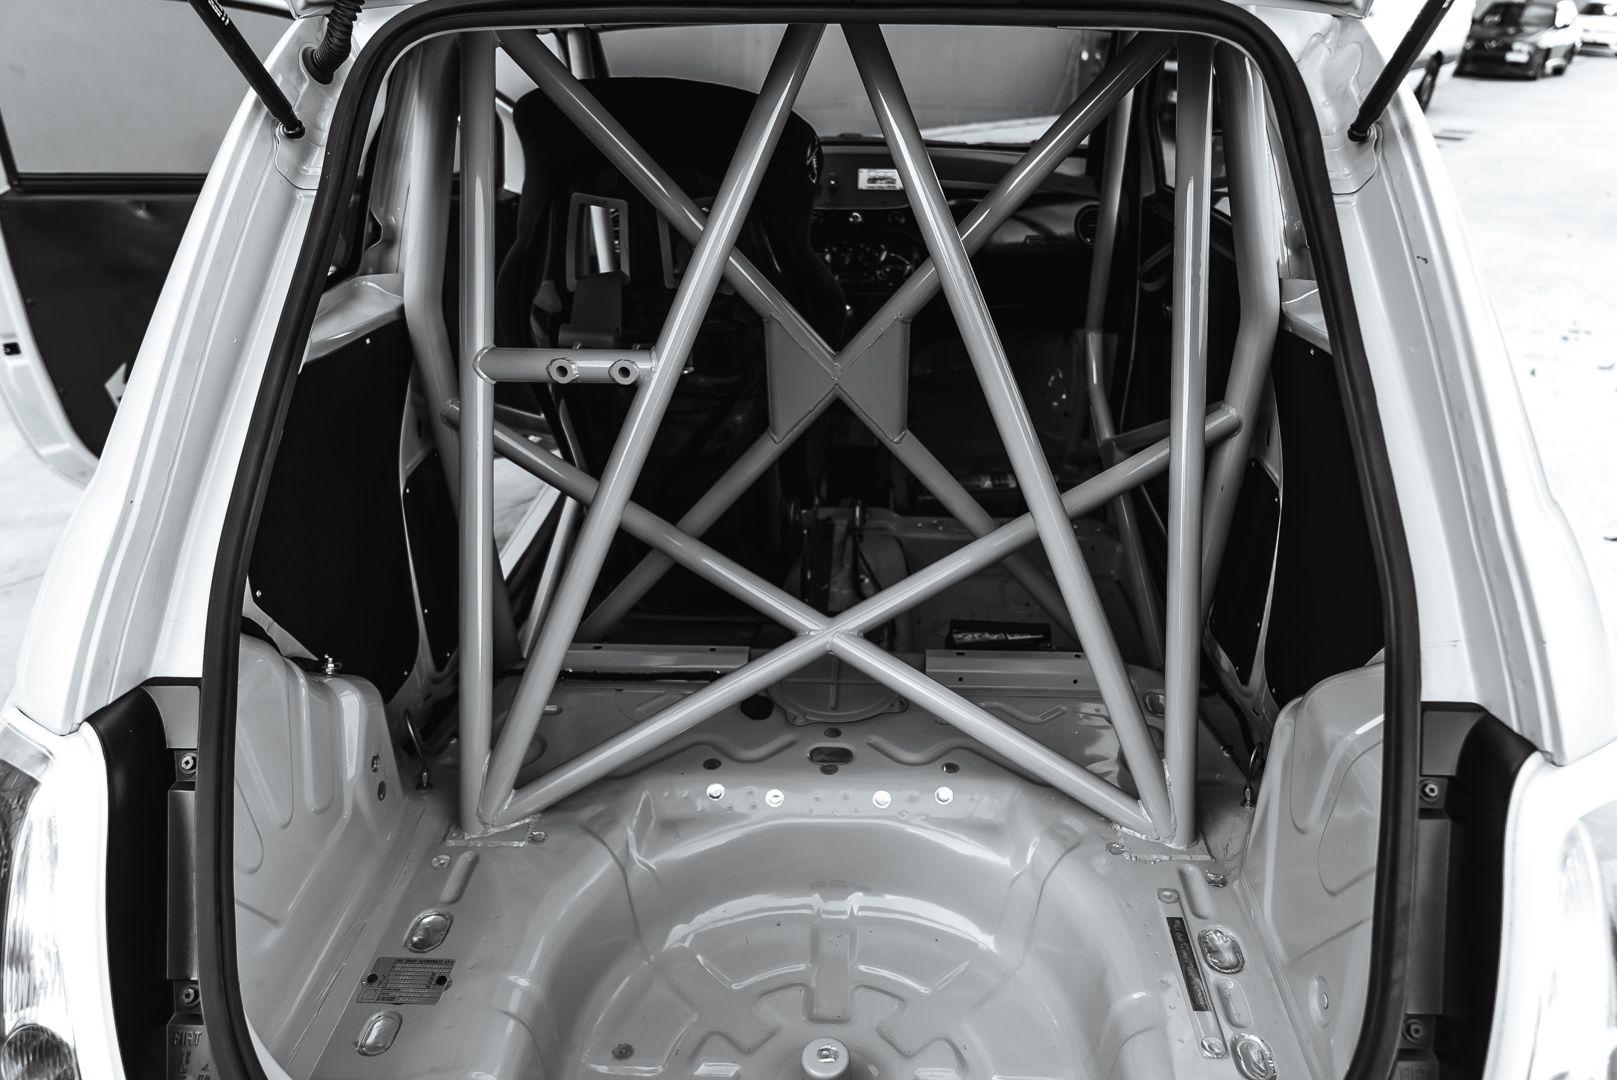 2008 Fiat 500 Abarth Assetto Corse 49/49 79355